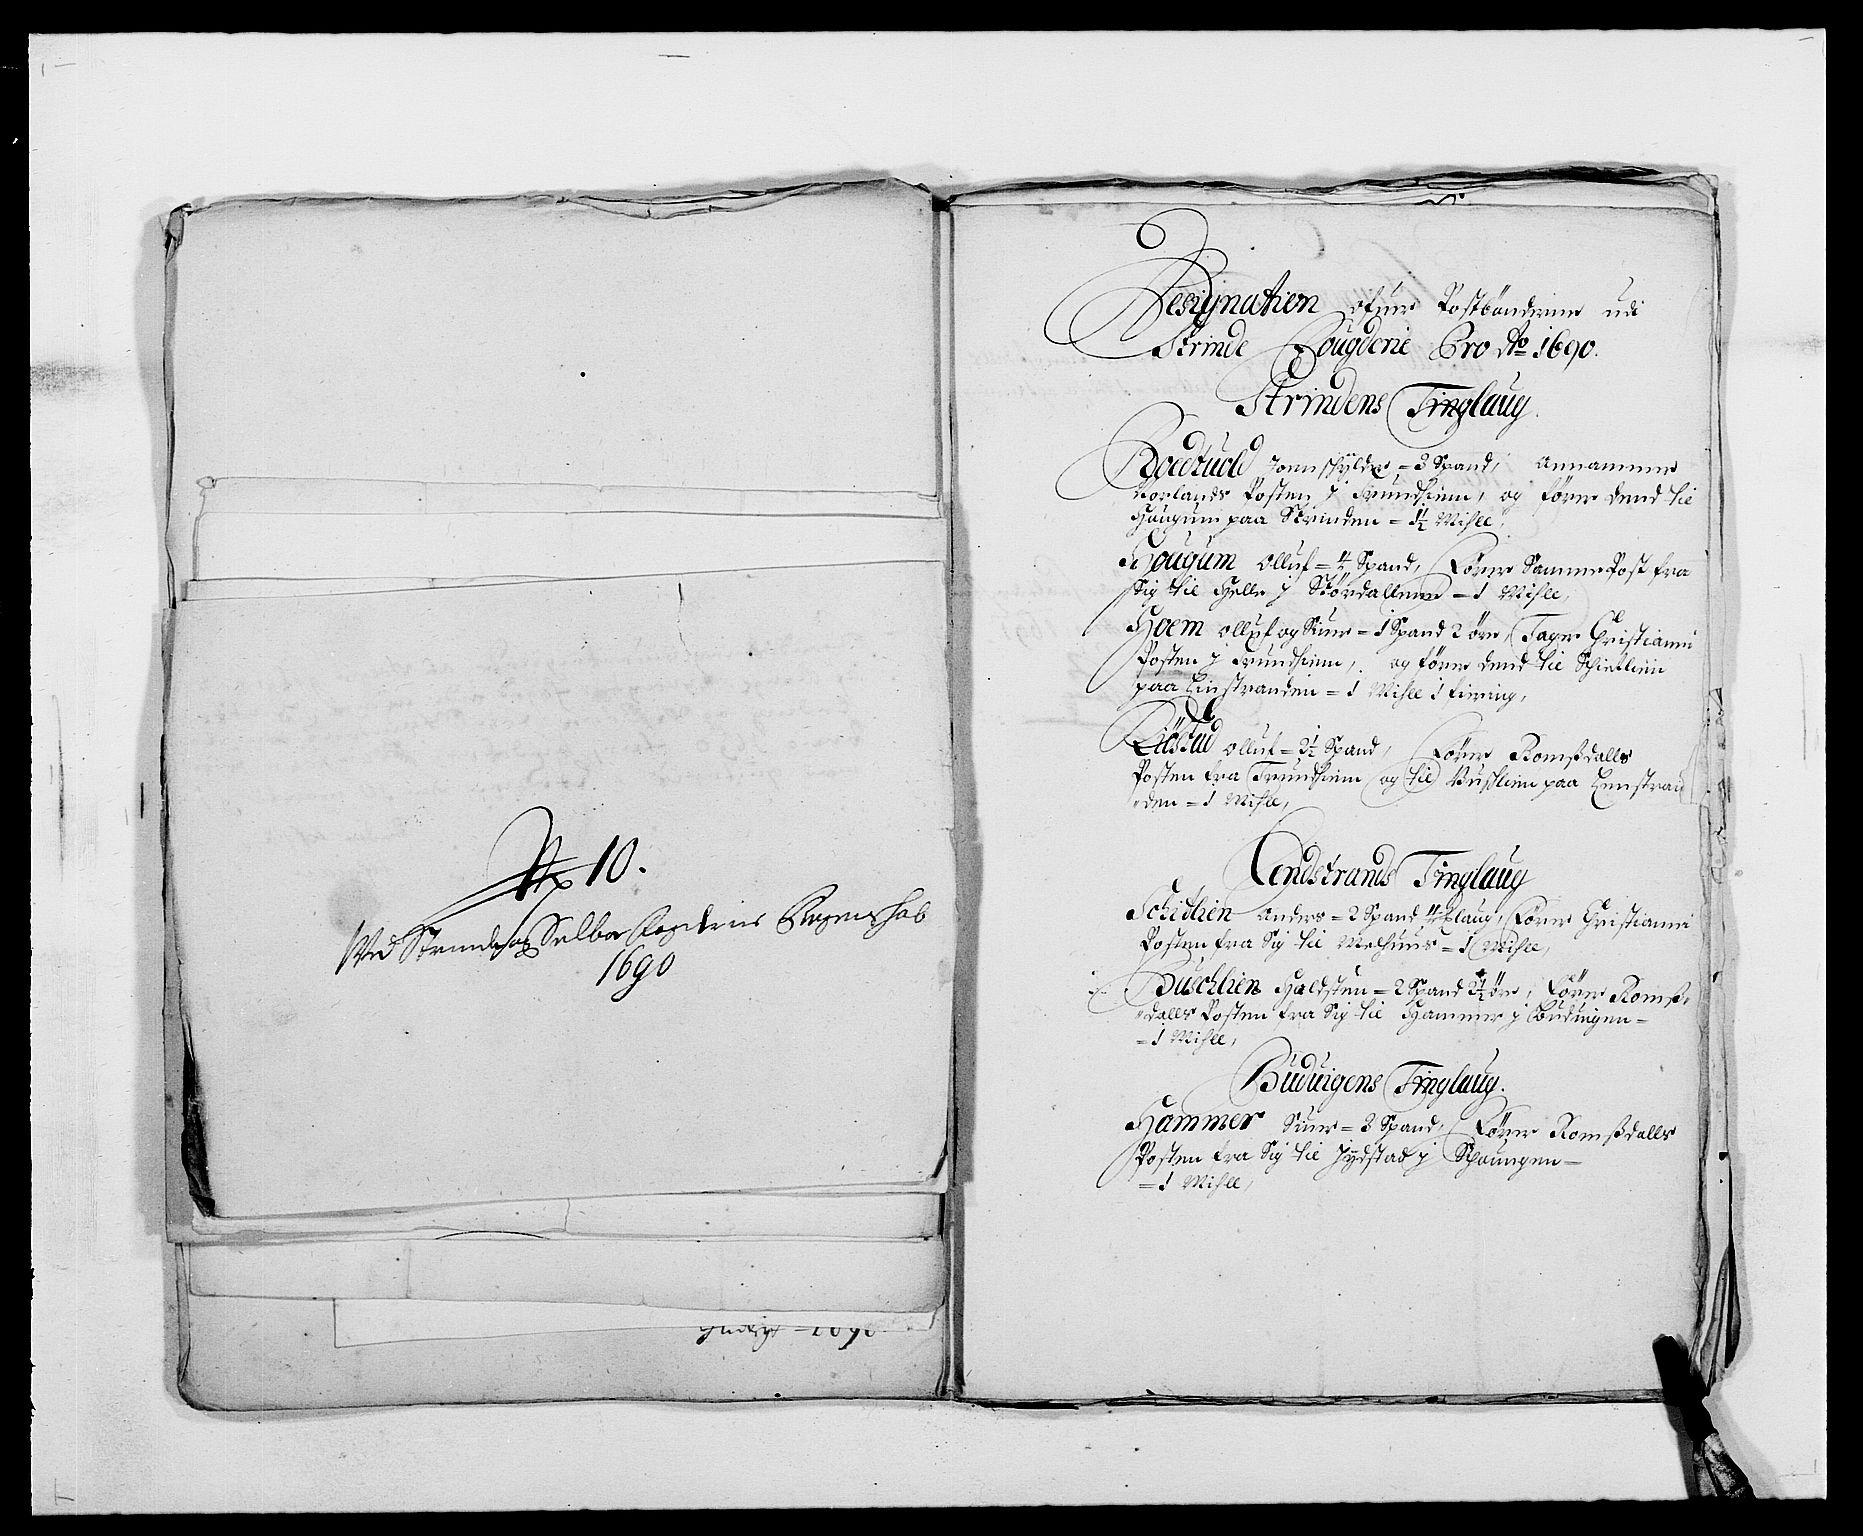 RA, Rentekammeret inntil 1814, Reviderte regnskaper, Fogderegnskap, R61/L4102: Fogderegnskap Strinda og Selbu, 1689-1690, s. 279